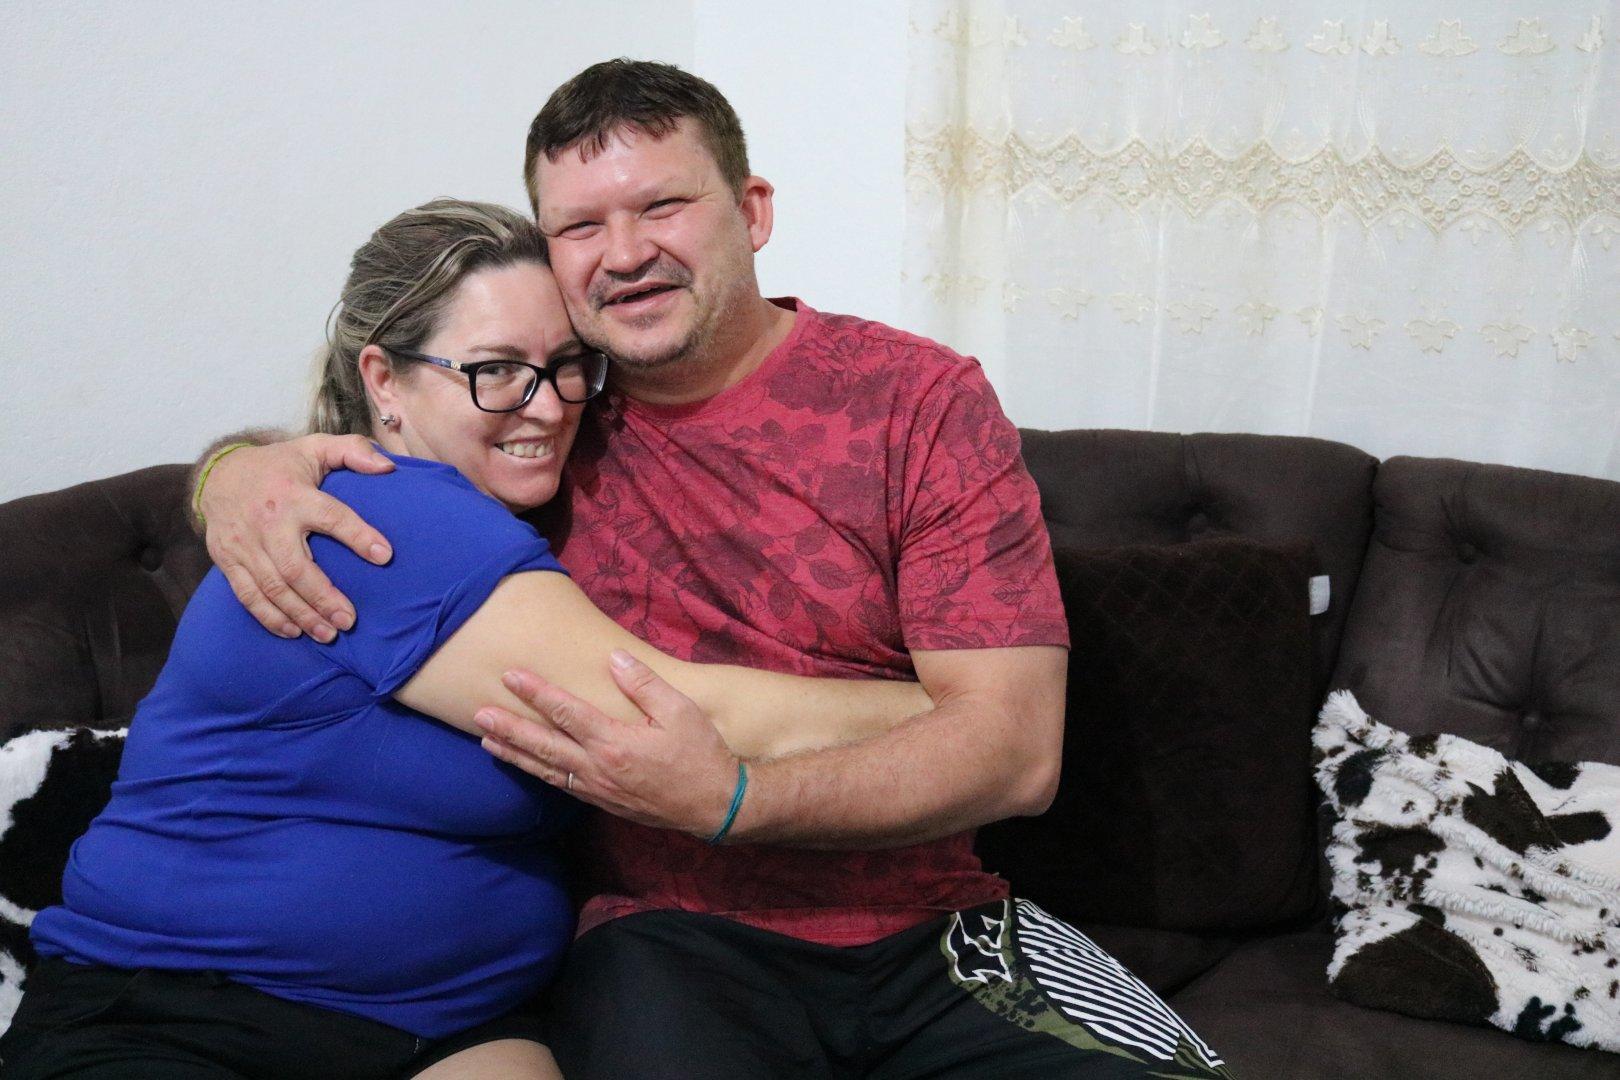 Destinos entrelaçados: Conheça a história de Vandoir e Janete, nascidos em Maravilha, eles se reencontraram em Brusque para celebrar o amor no casamento coletivo deste domingo (4)